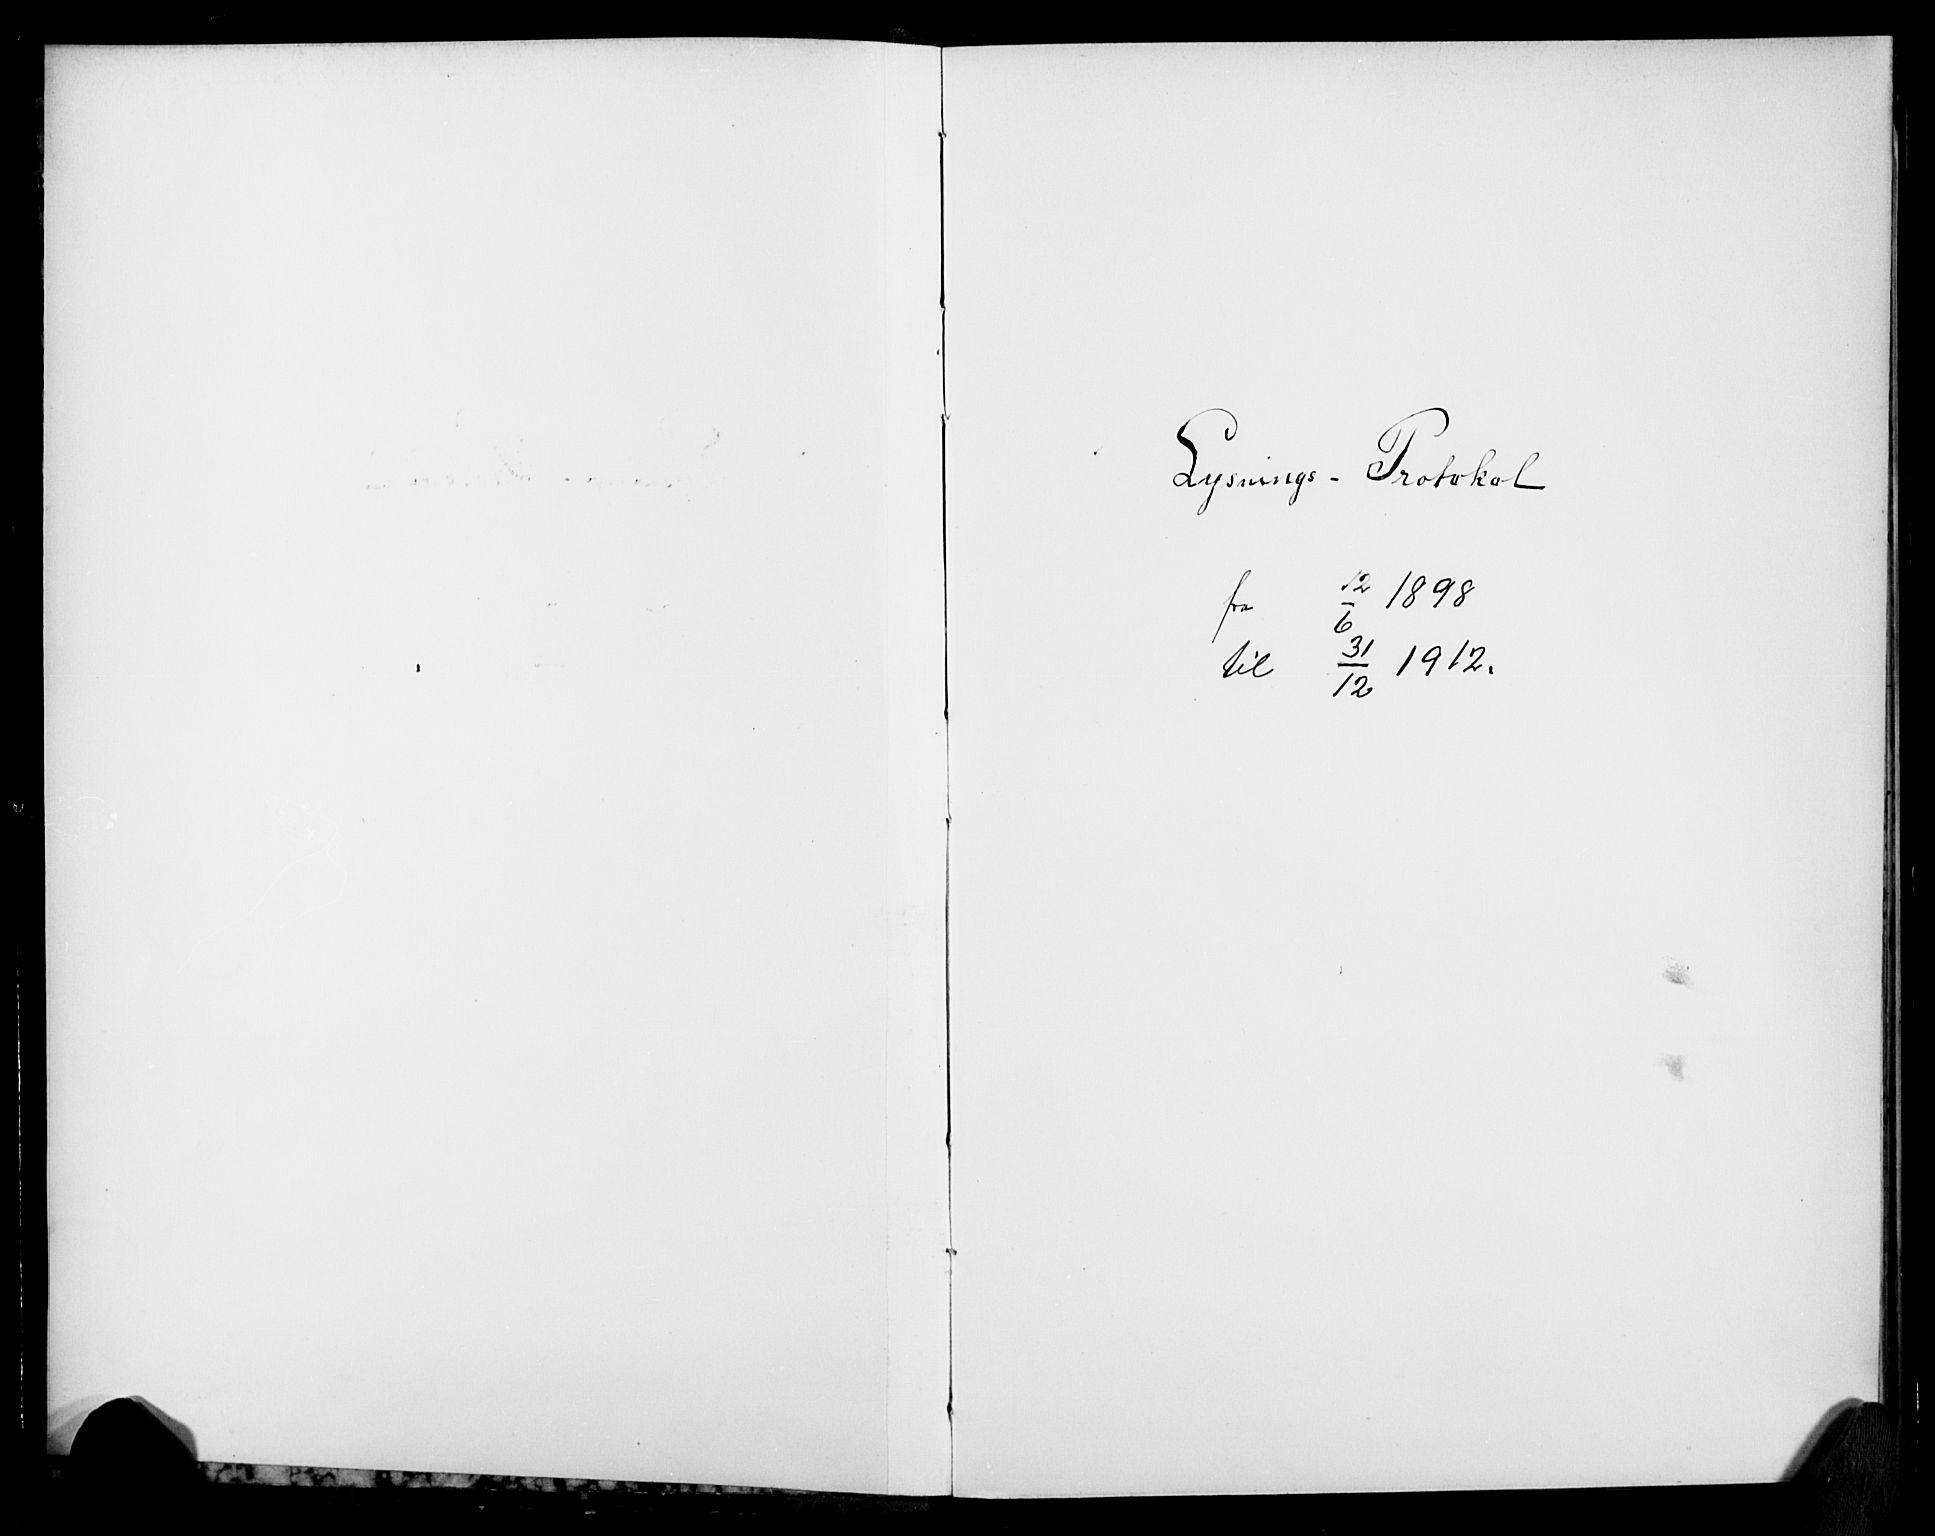 SAO, Vestre Aker prestekontor Kirkebøker, H/Ha/L0003: Lysningsprotokoll nr. 3, 1898-1912